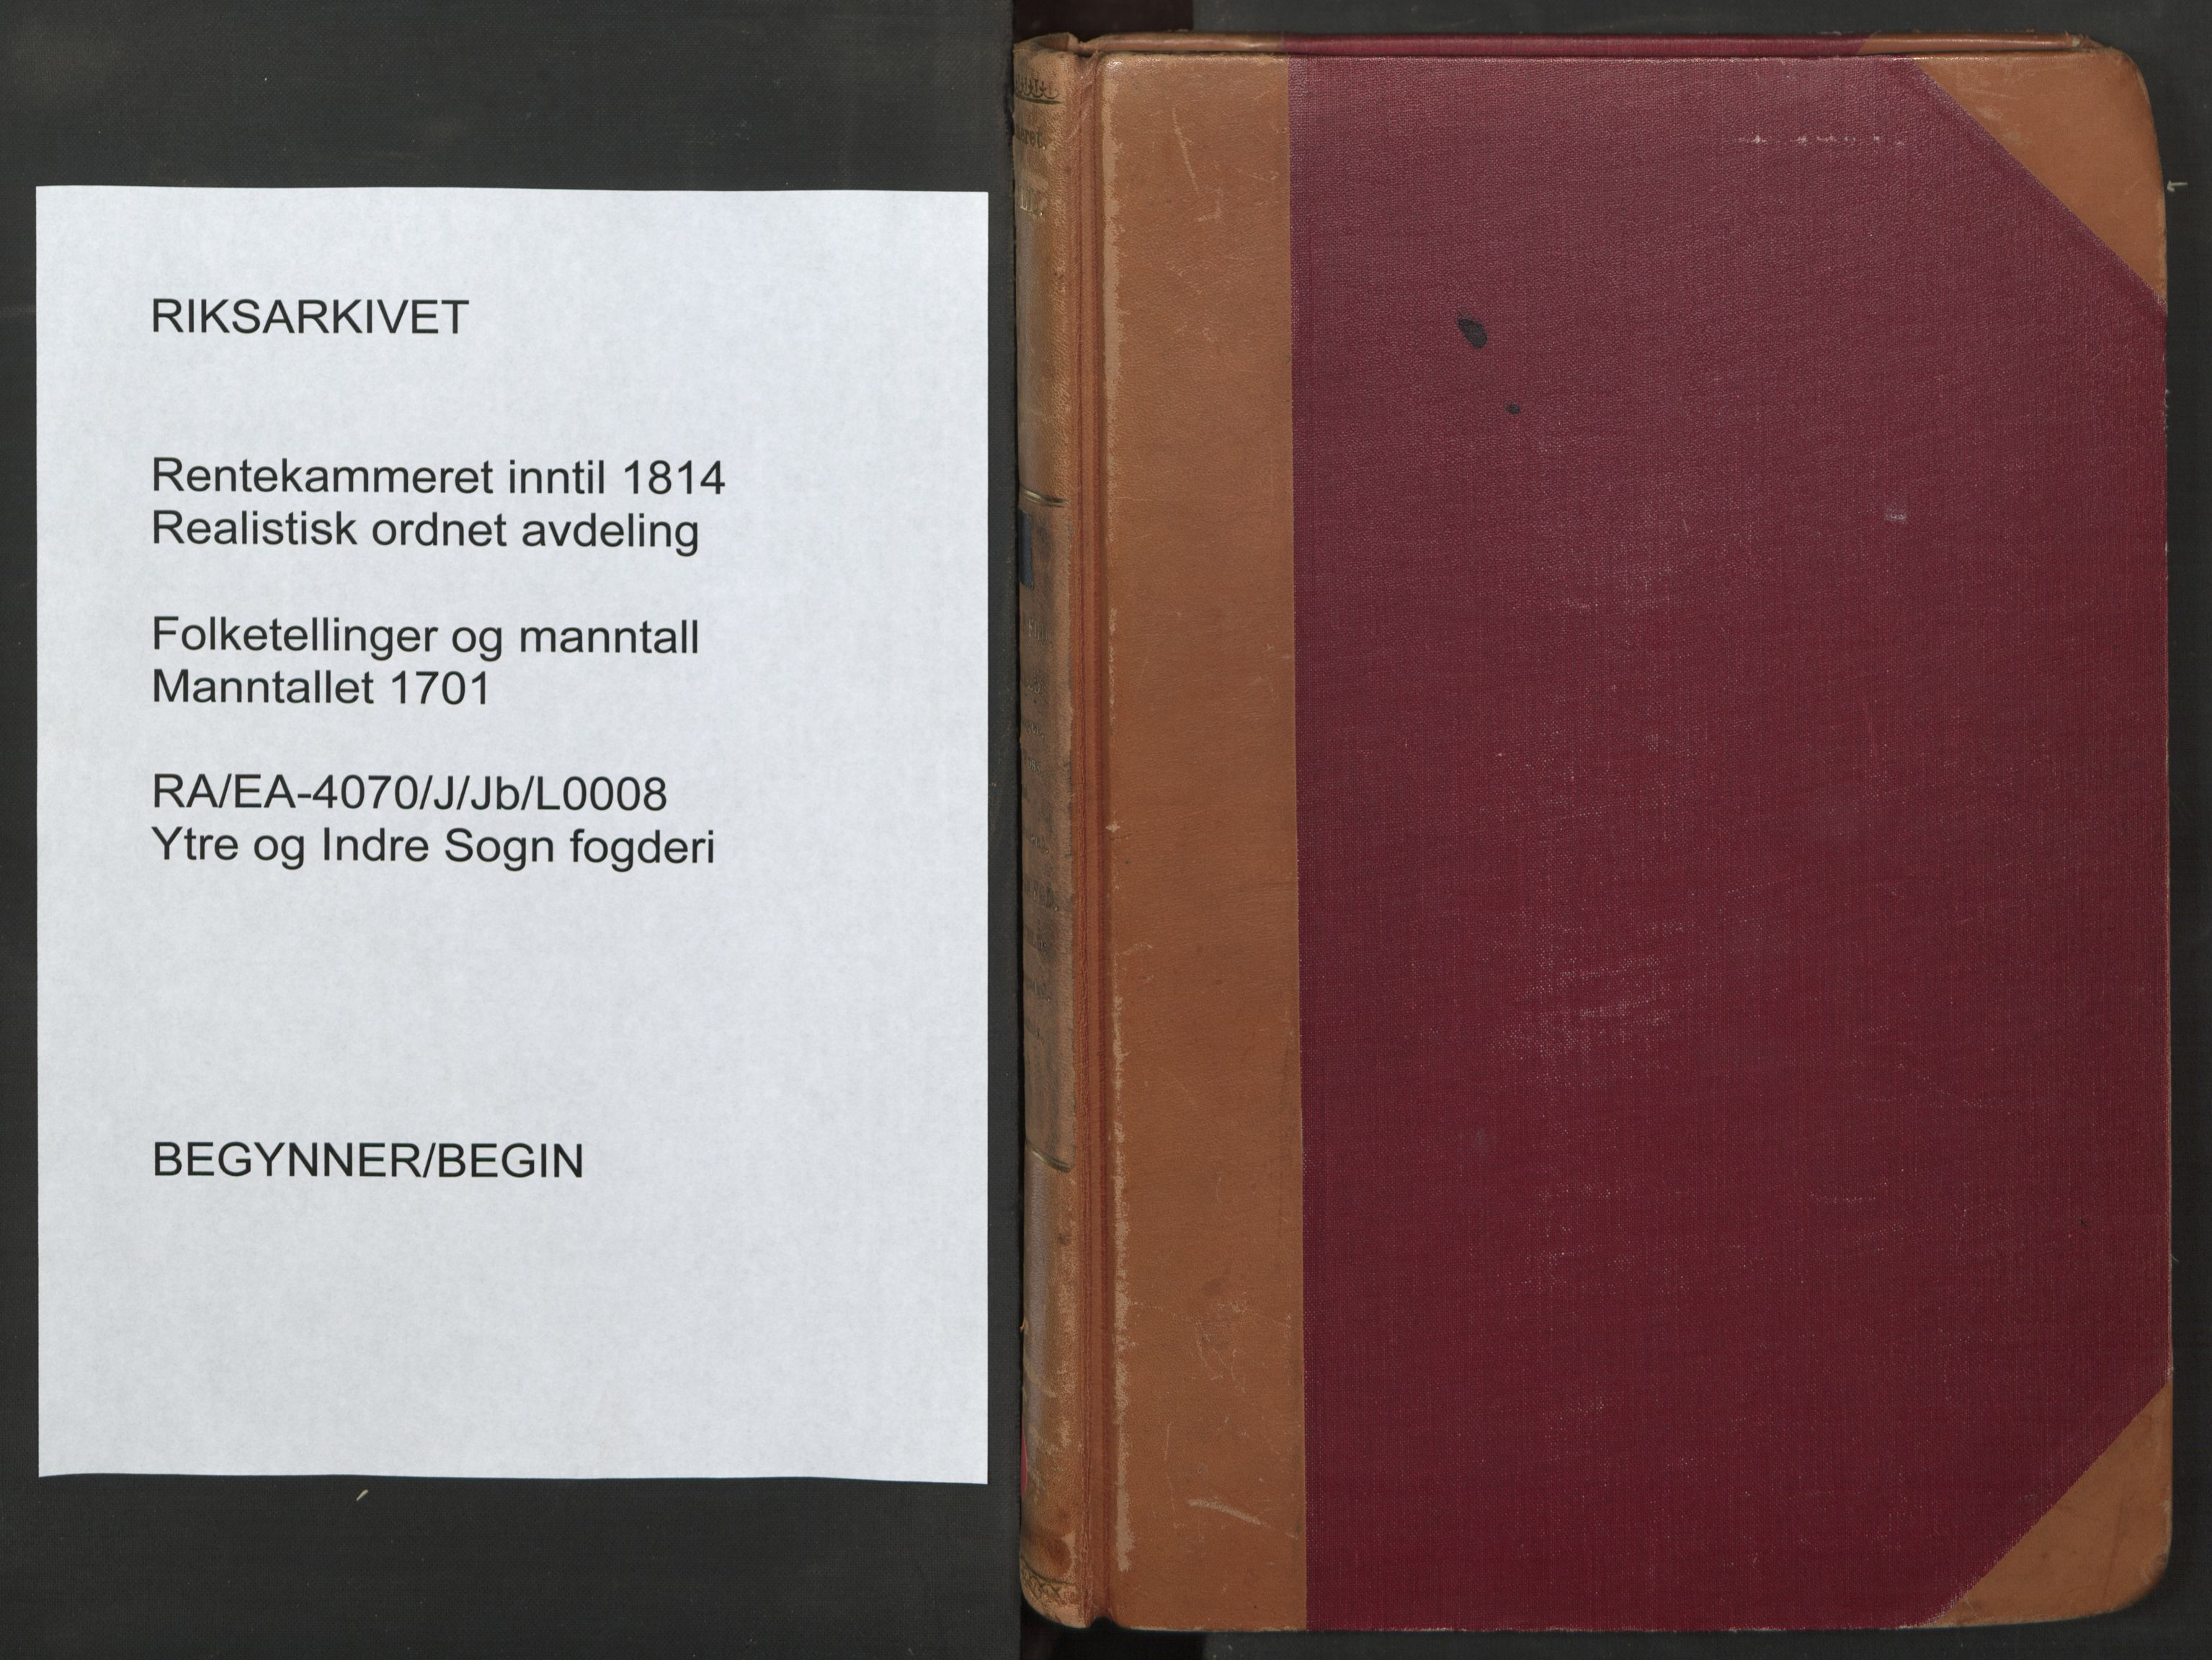 RA, Manntallet 1701, nr. 8: Ytre Sogn fogderi og Indre Sogn fogderi, 1701